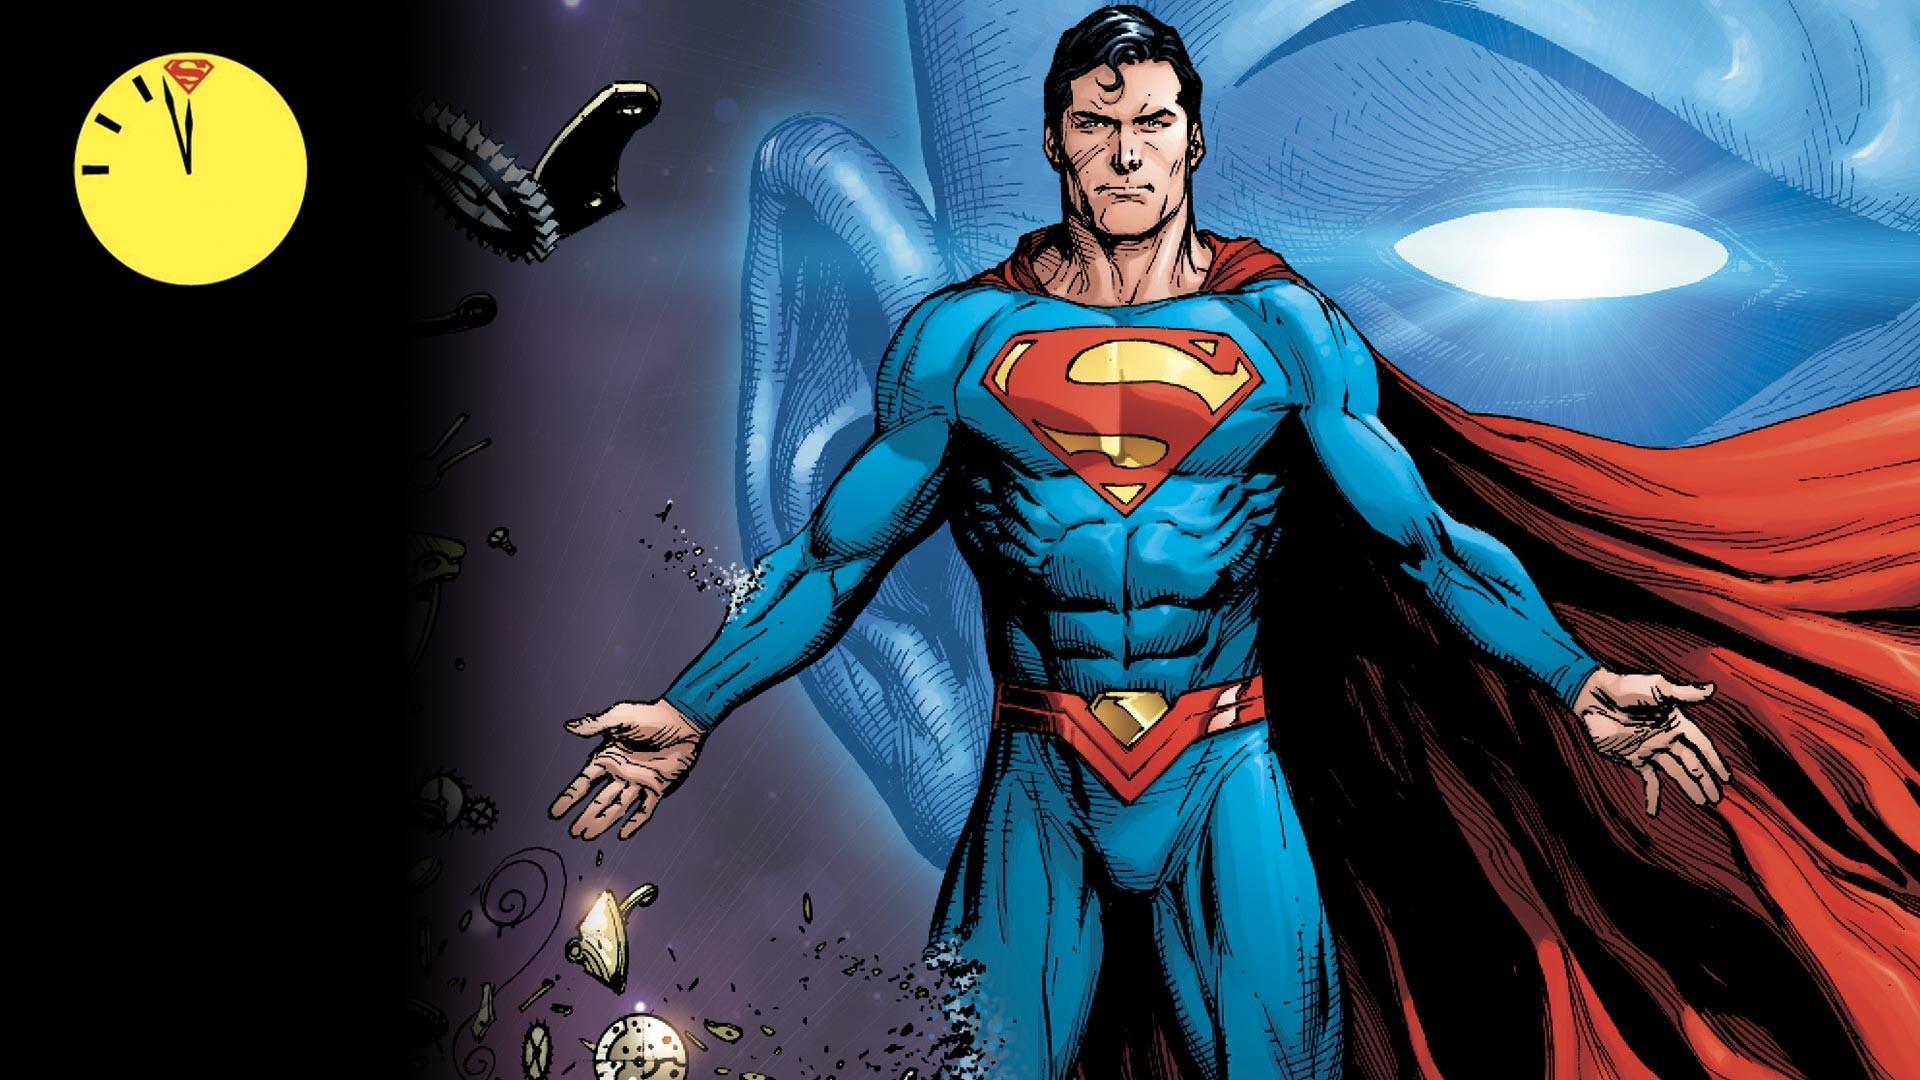 Res: 1920x1080, Batman Vs. Superman Comic Wallpapers